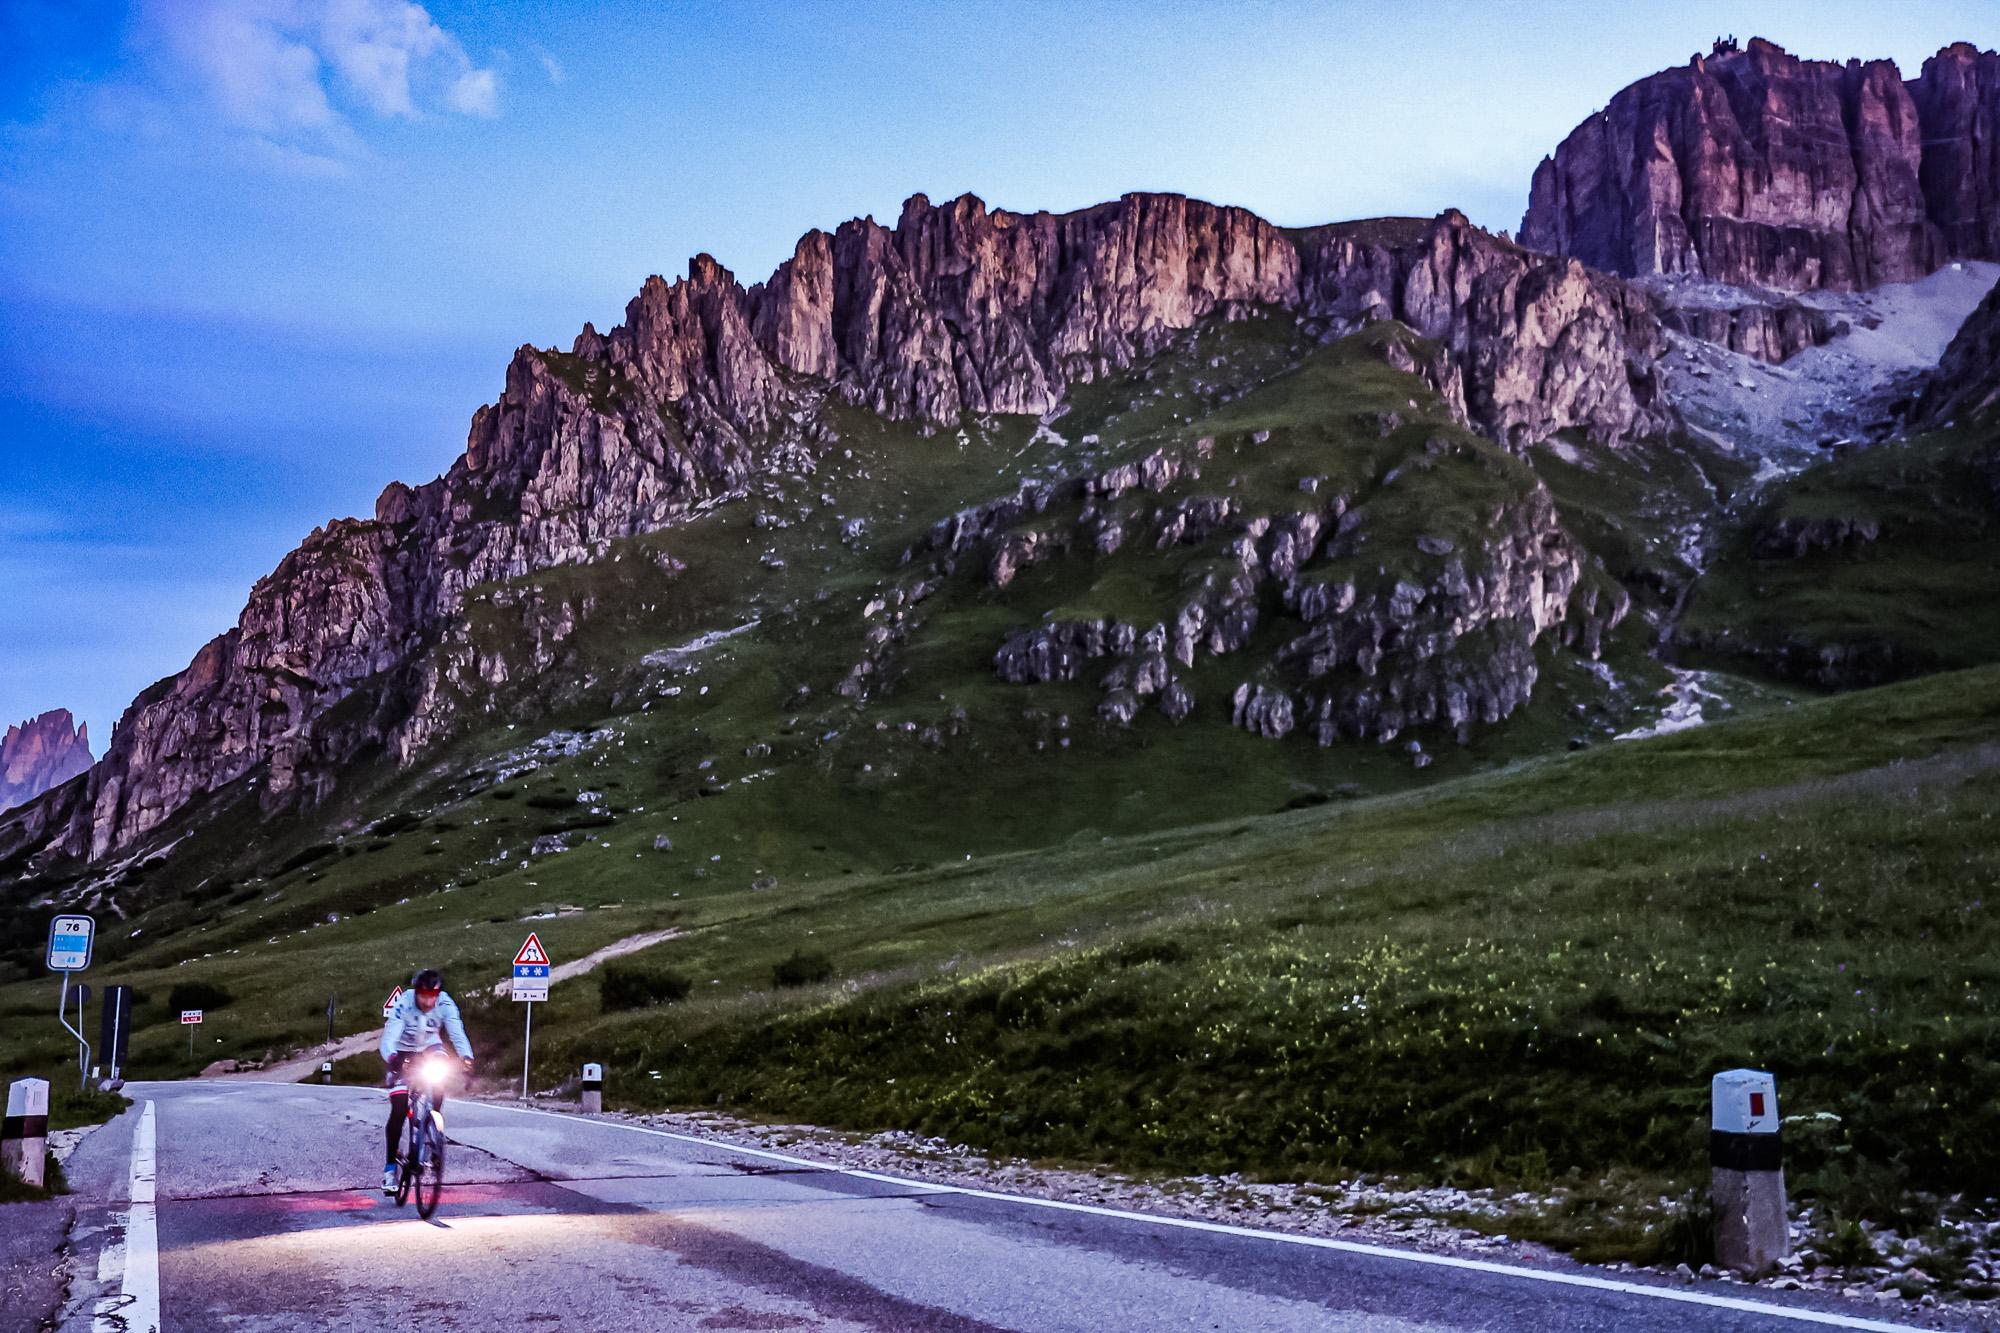 Extremsportler Guido Kunze fährt in der Morgendämmerung zum Passo Pordoi